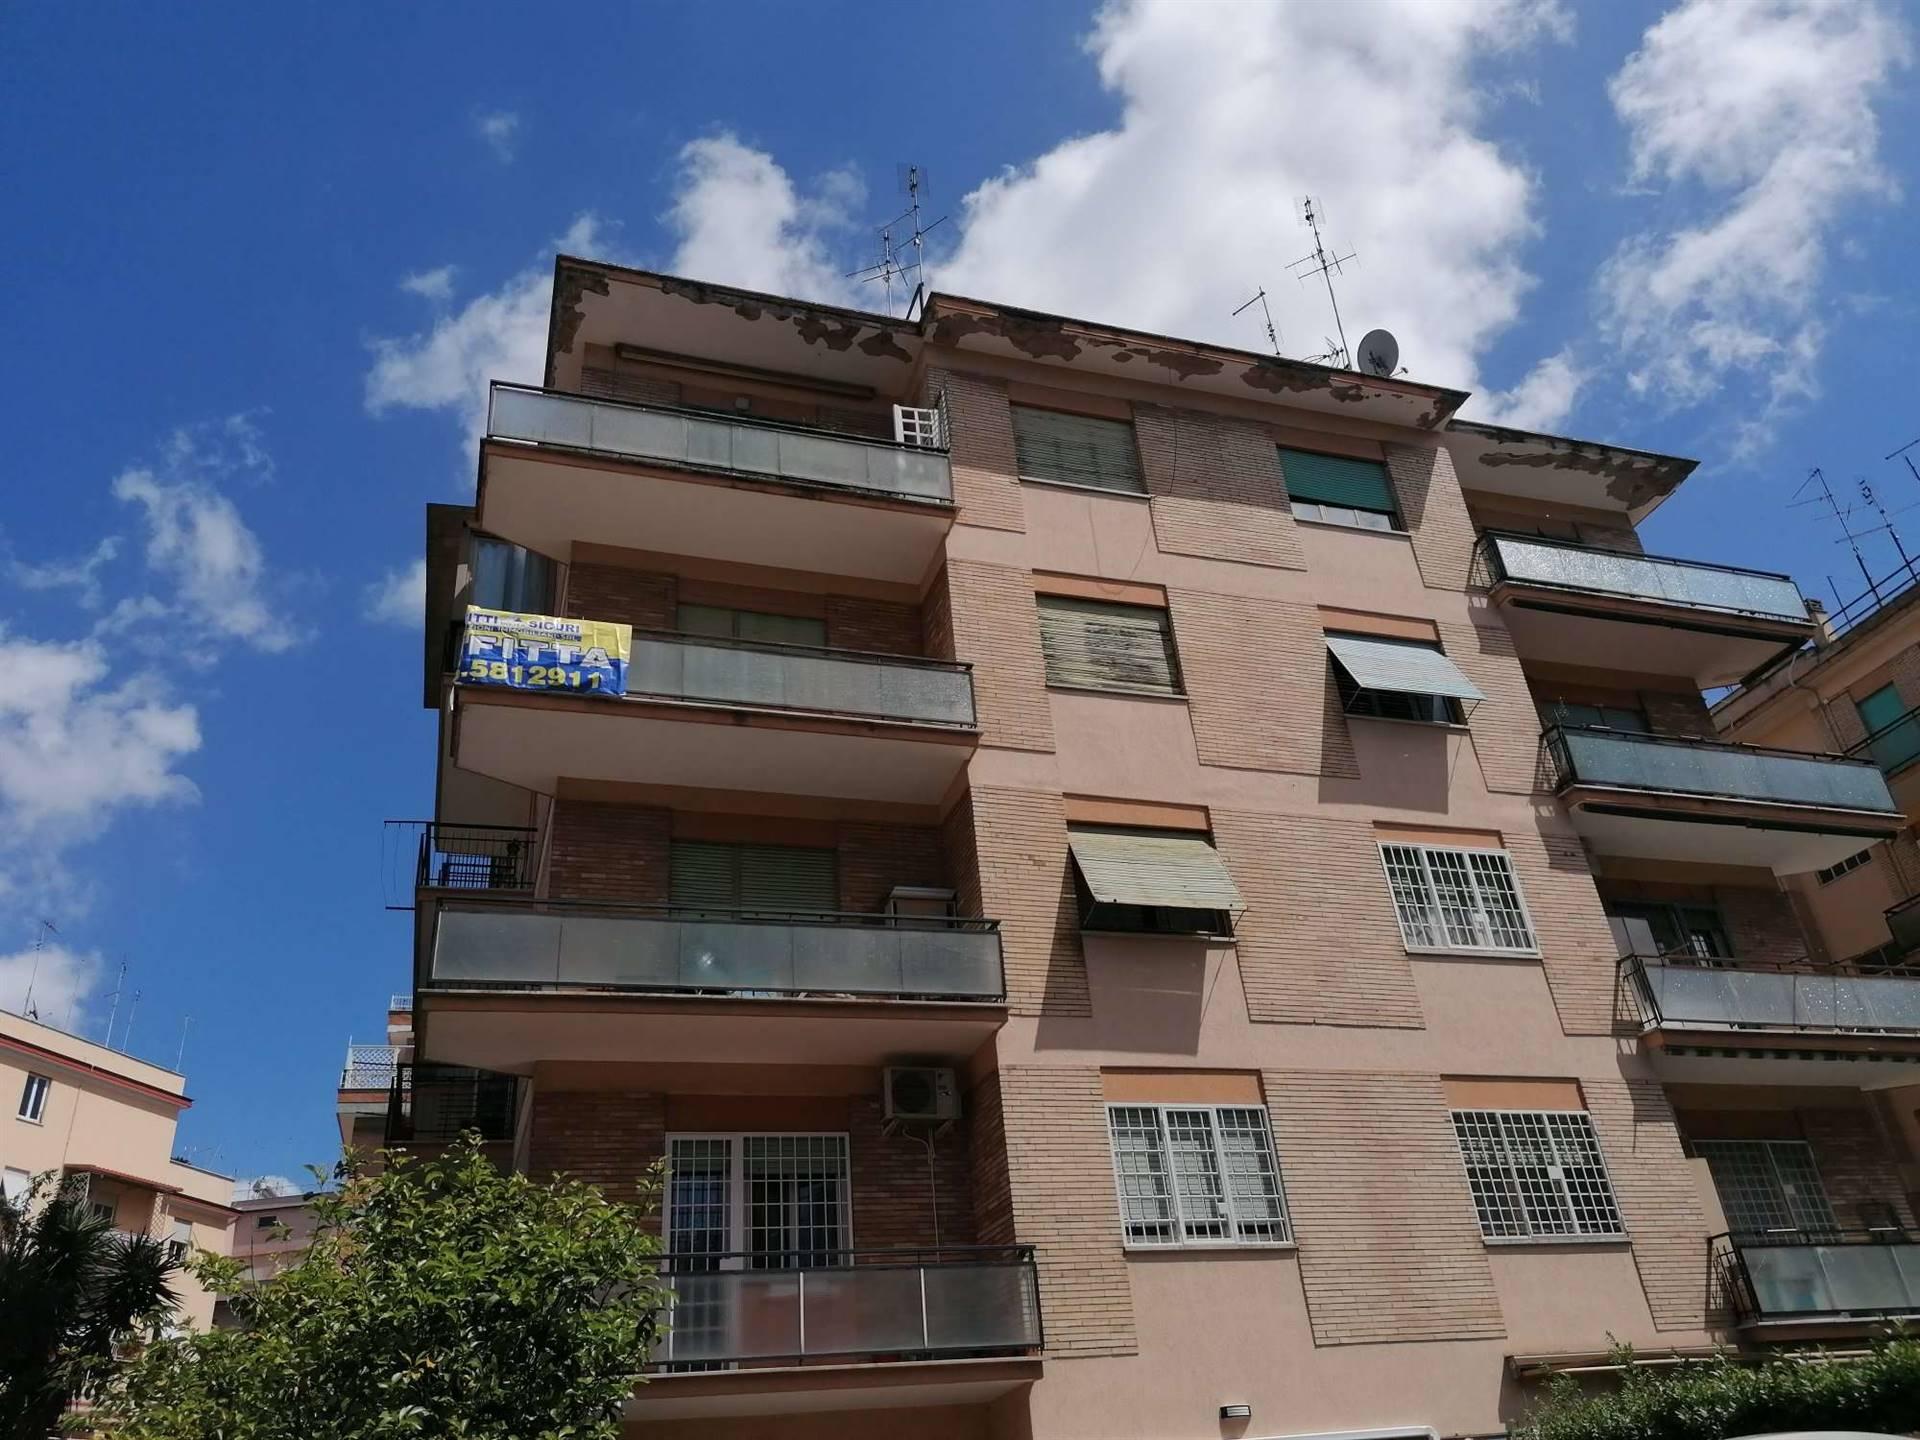 Pineta Sacchetti- Boccea, esattamente in Via Prospero Santacroce, disponiamo di appartamento in locazione, ampia superficie, piano alto e luminosissimo, in una elegante palazzina. Completamente